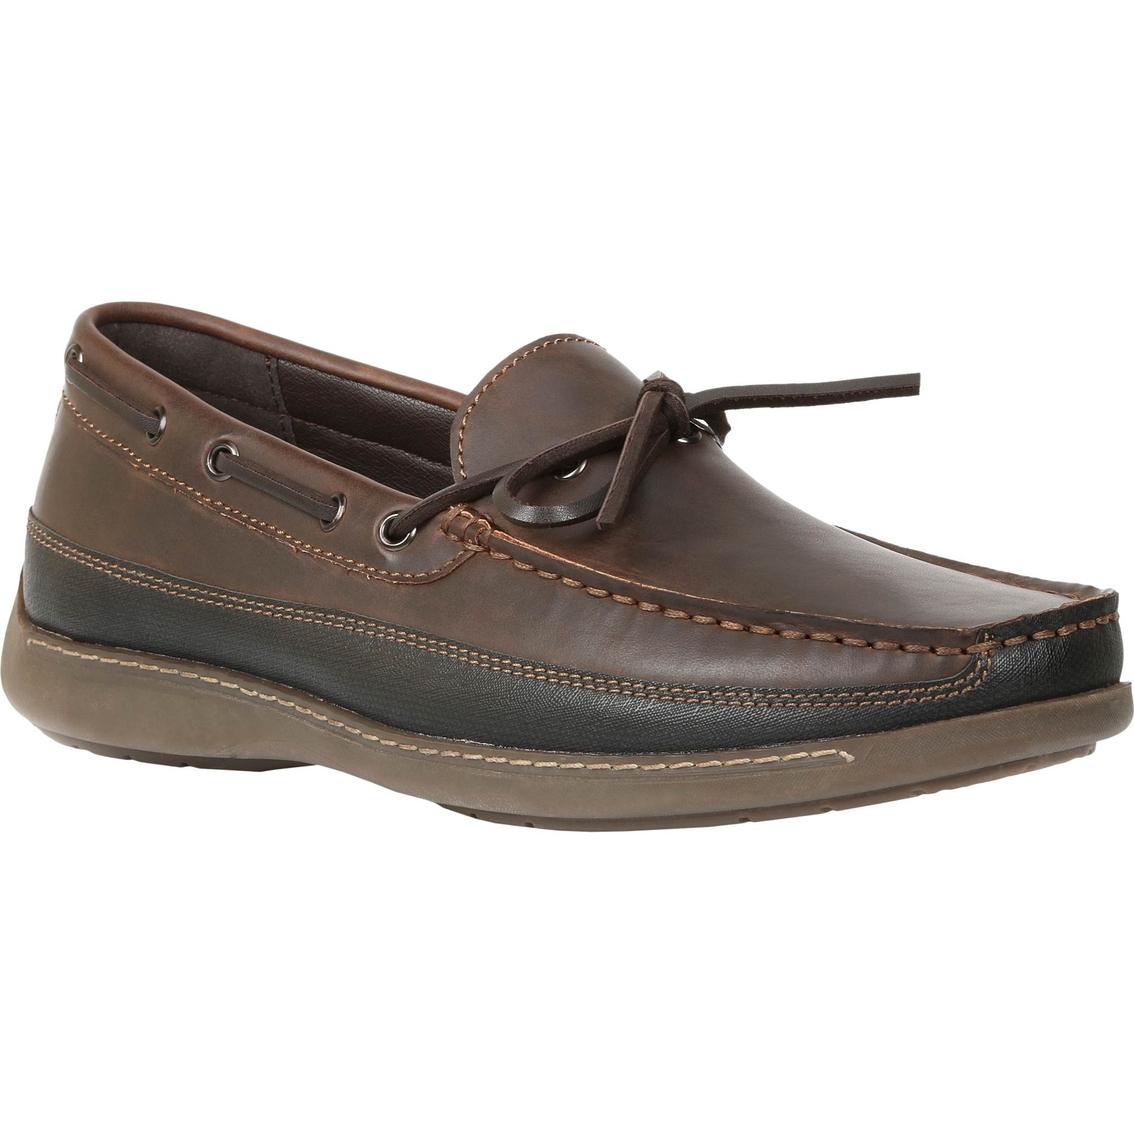 Belk Com Golf Shoes For Men